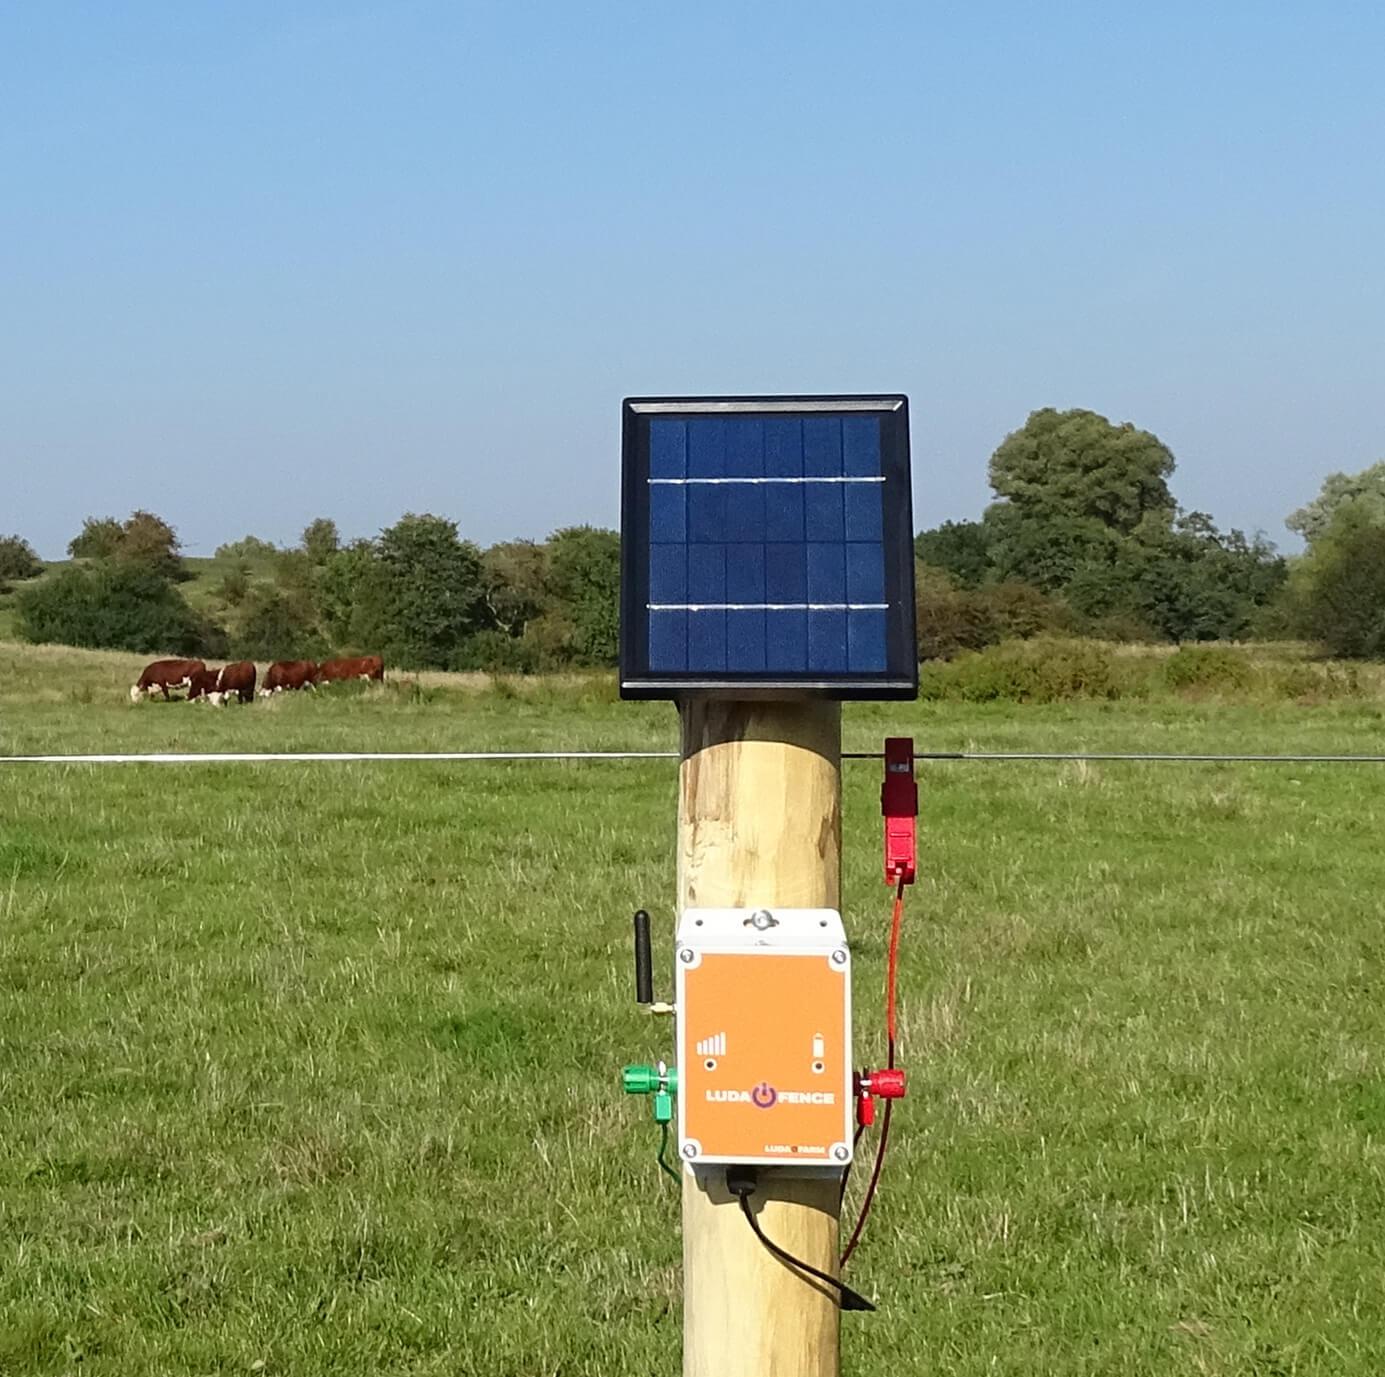 Et solpanel sørger for opladningen af en hegnsalarm